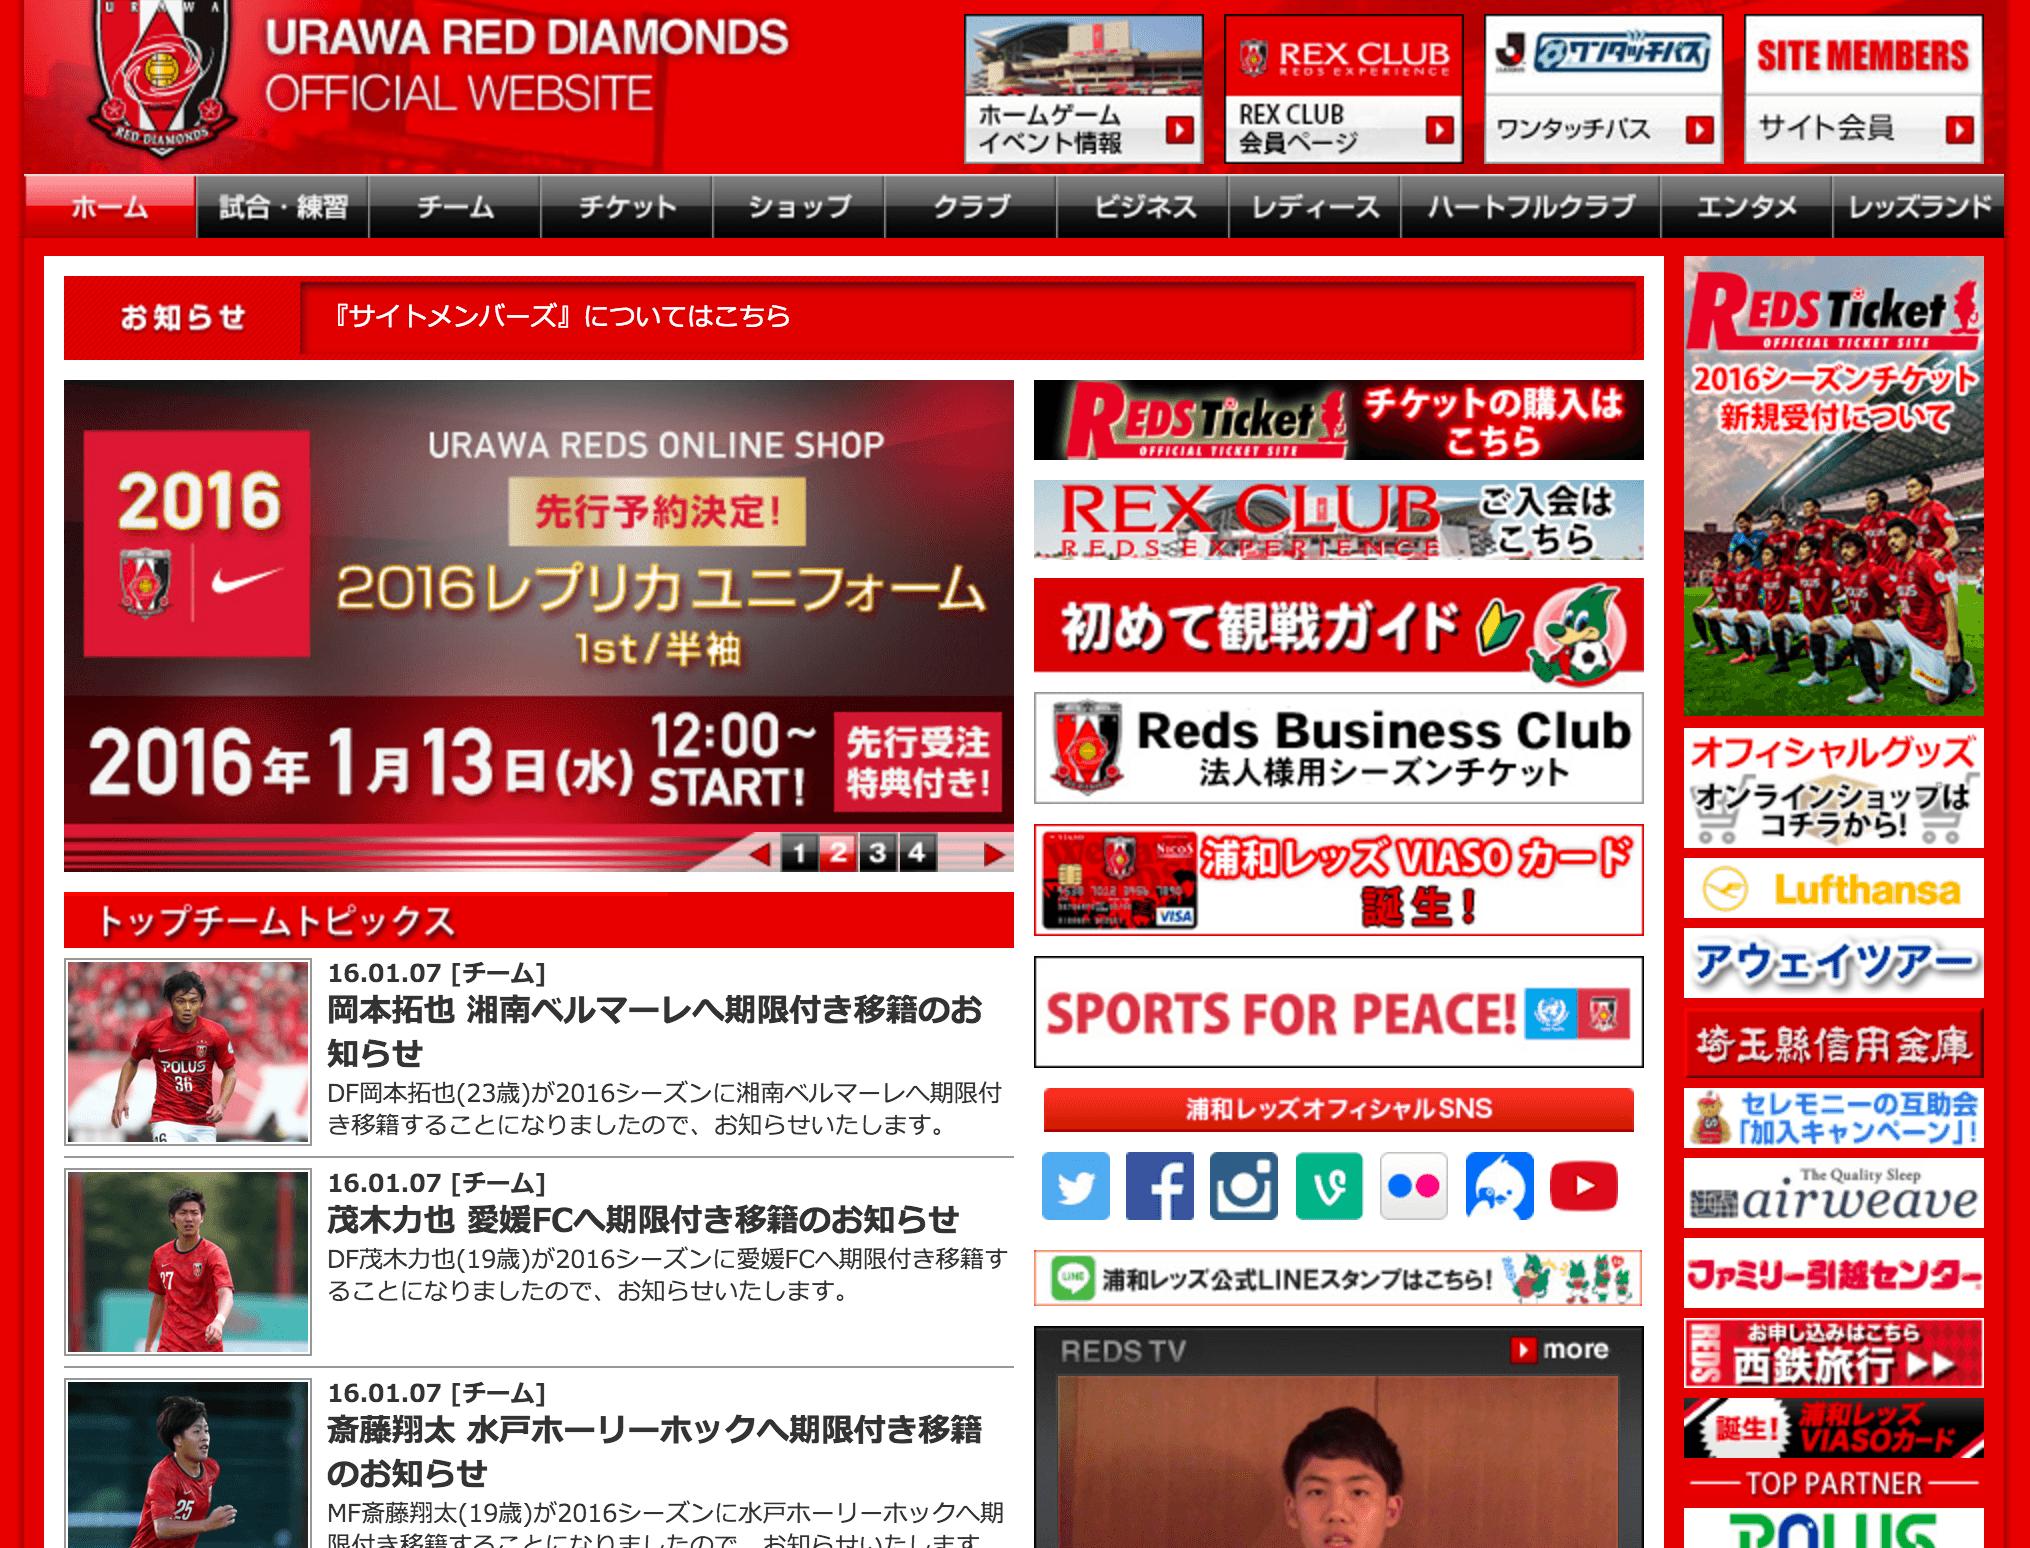 浦和レッズ、阪野豊史・斎藤翔太・茂木力也・岡本拓也のレンタル移籍を発表